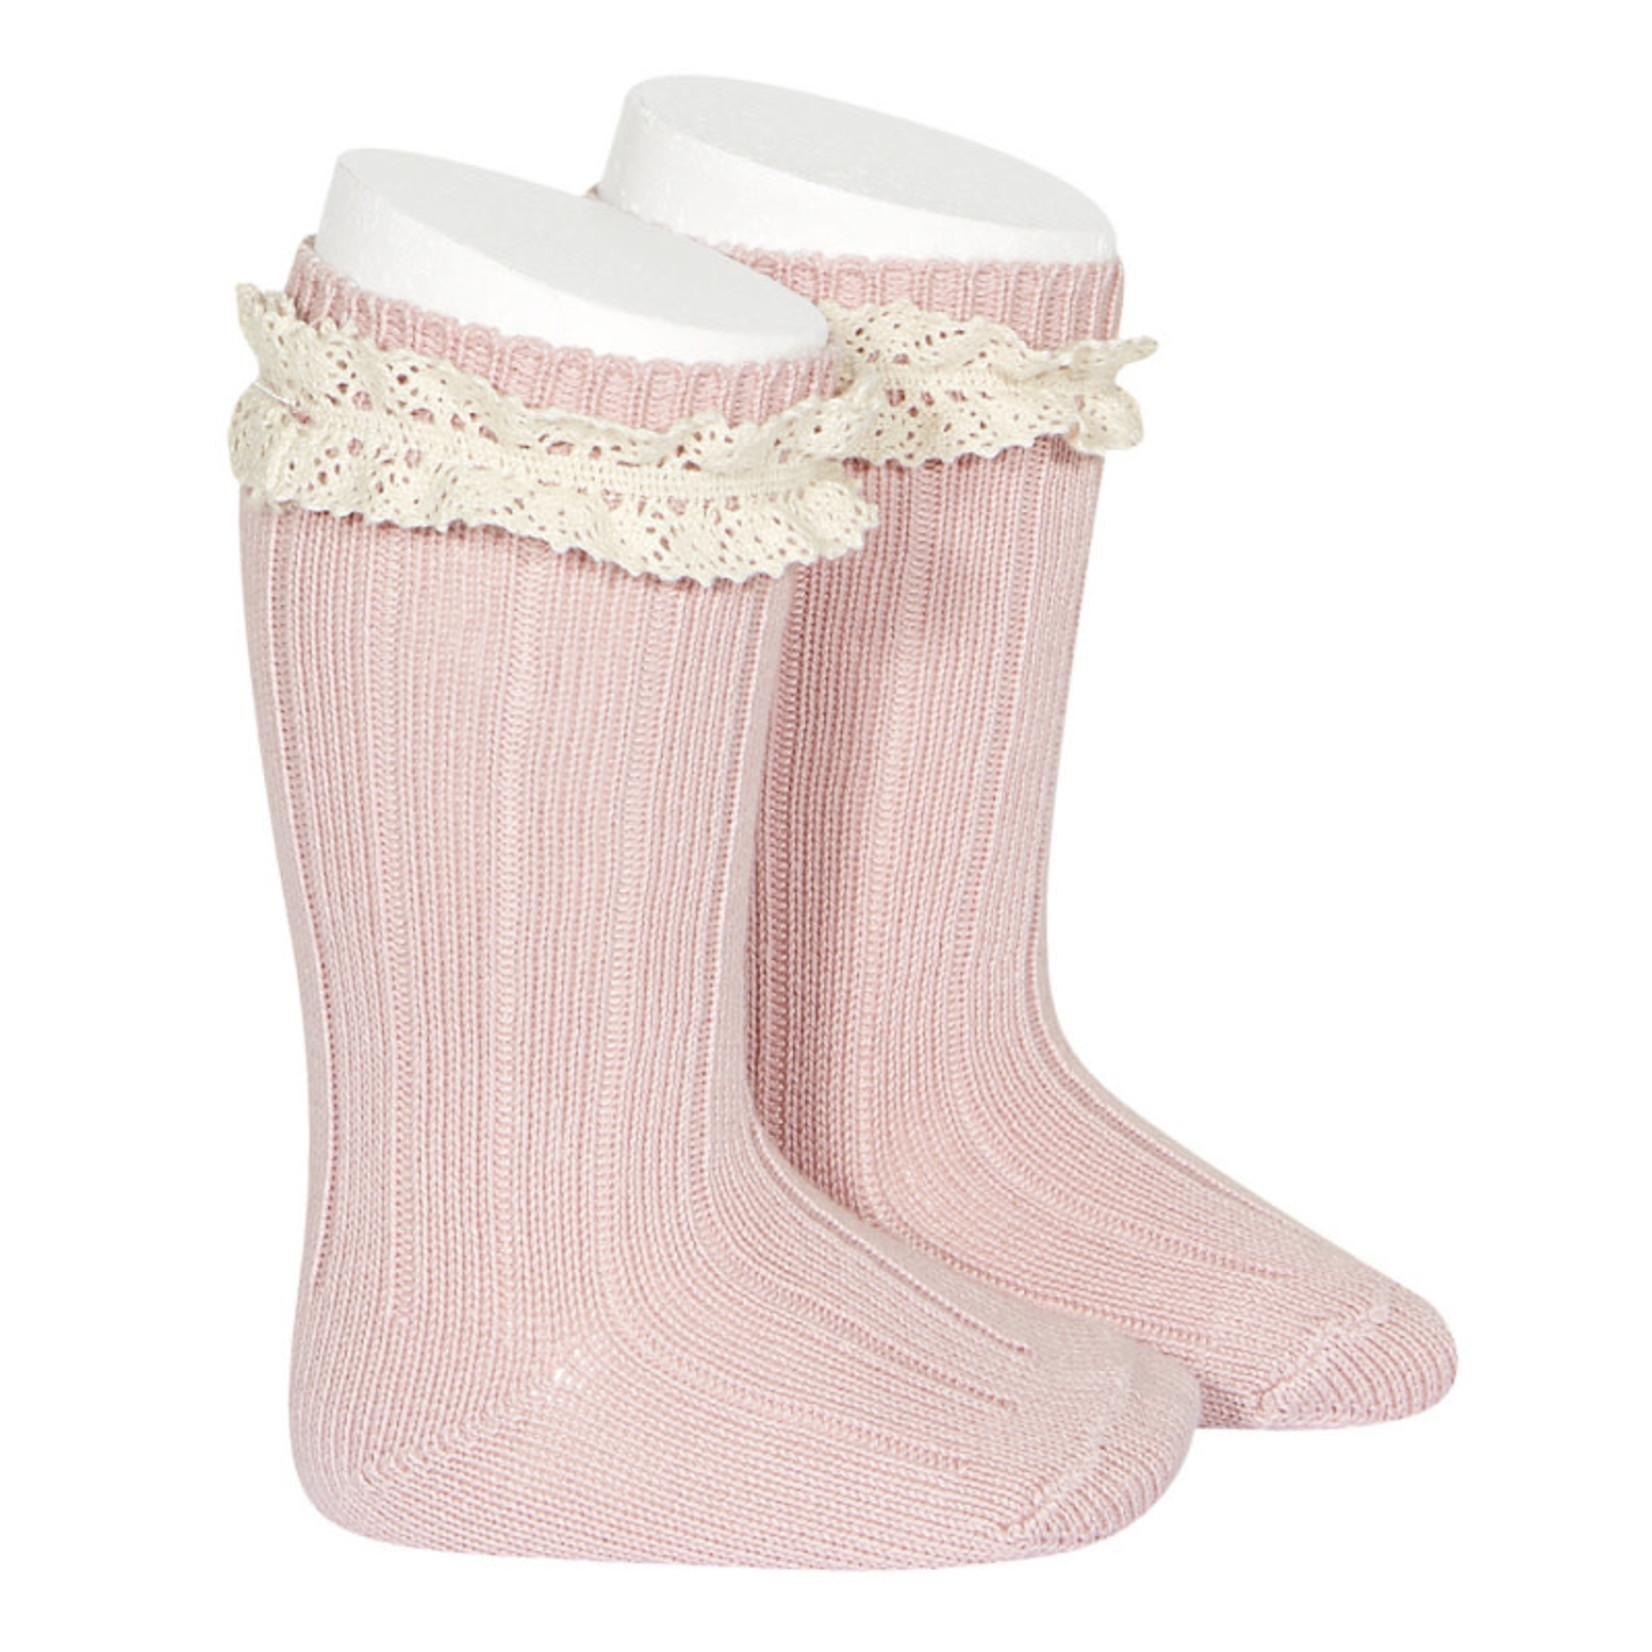 Rib Knee High Socks Vintage - Pale Pink